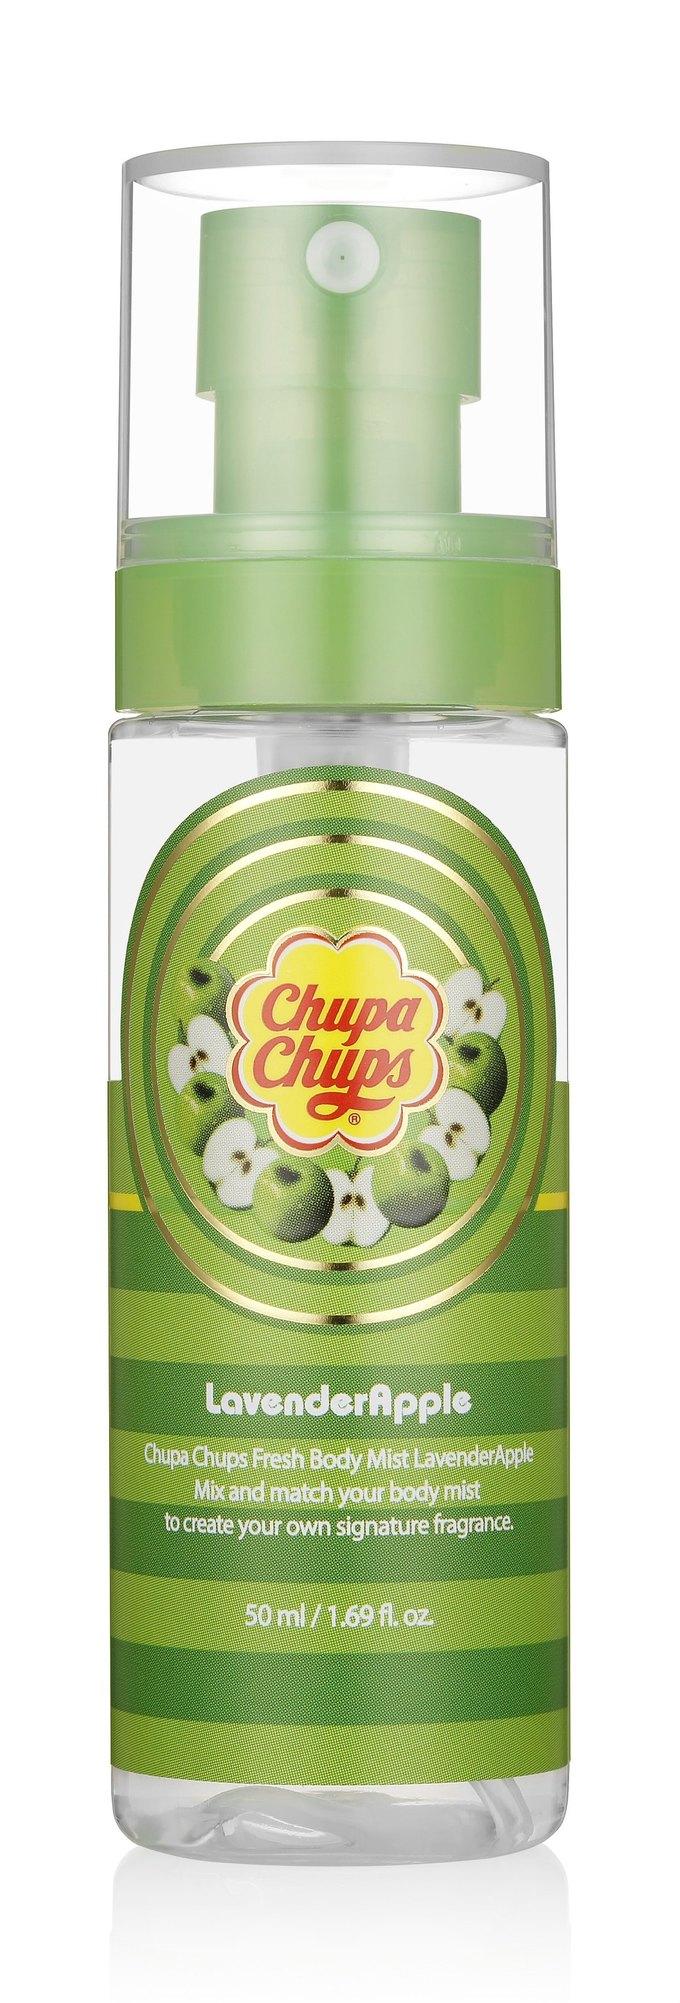 Косметика Chupa Chups теперь продаётся в России. Изображение № 5.